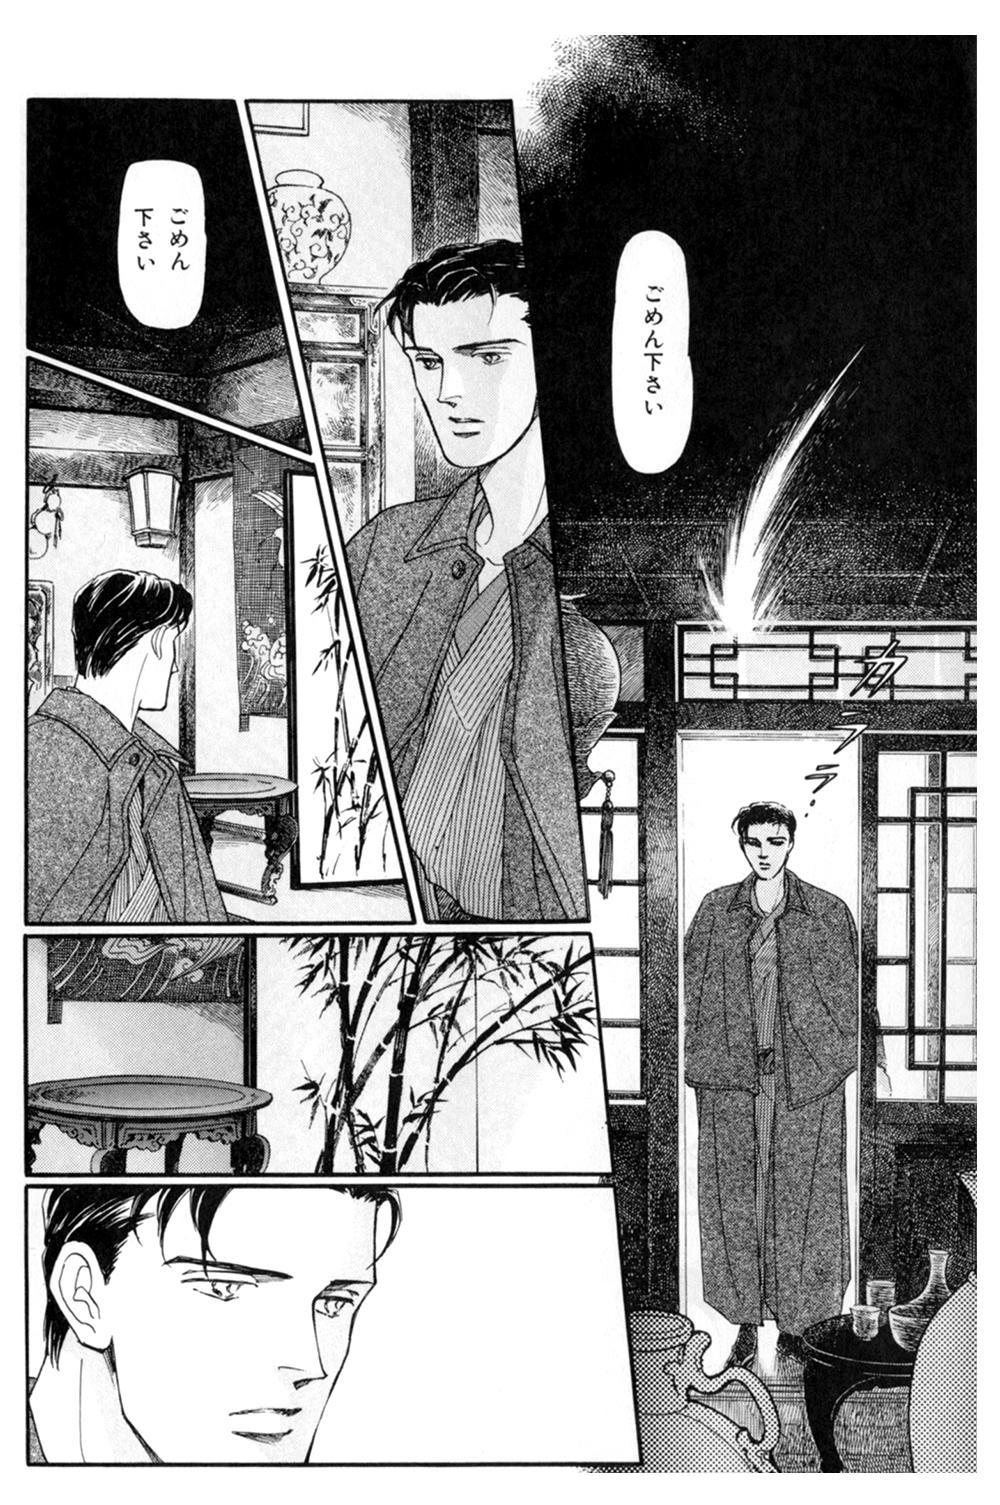 雨柳堂夢咄 第1話「花椿の恋」①uryu02.jpg